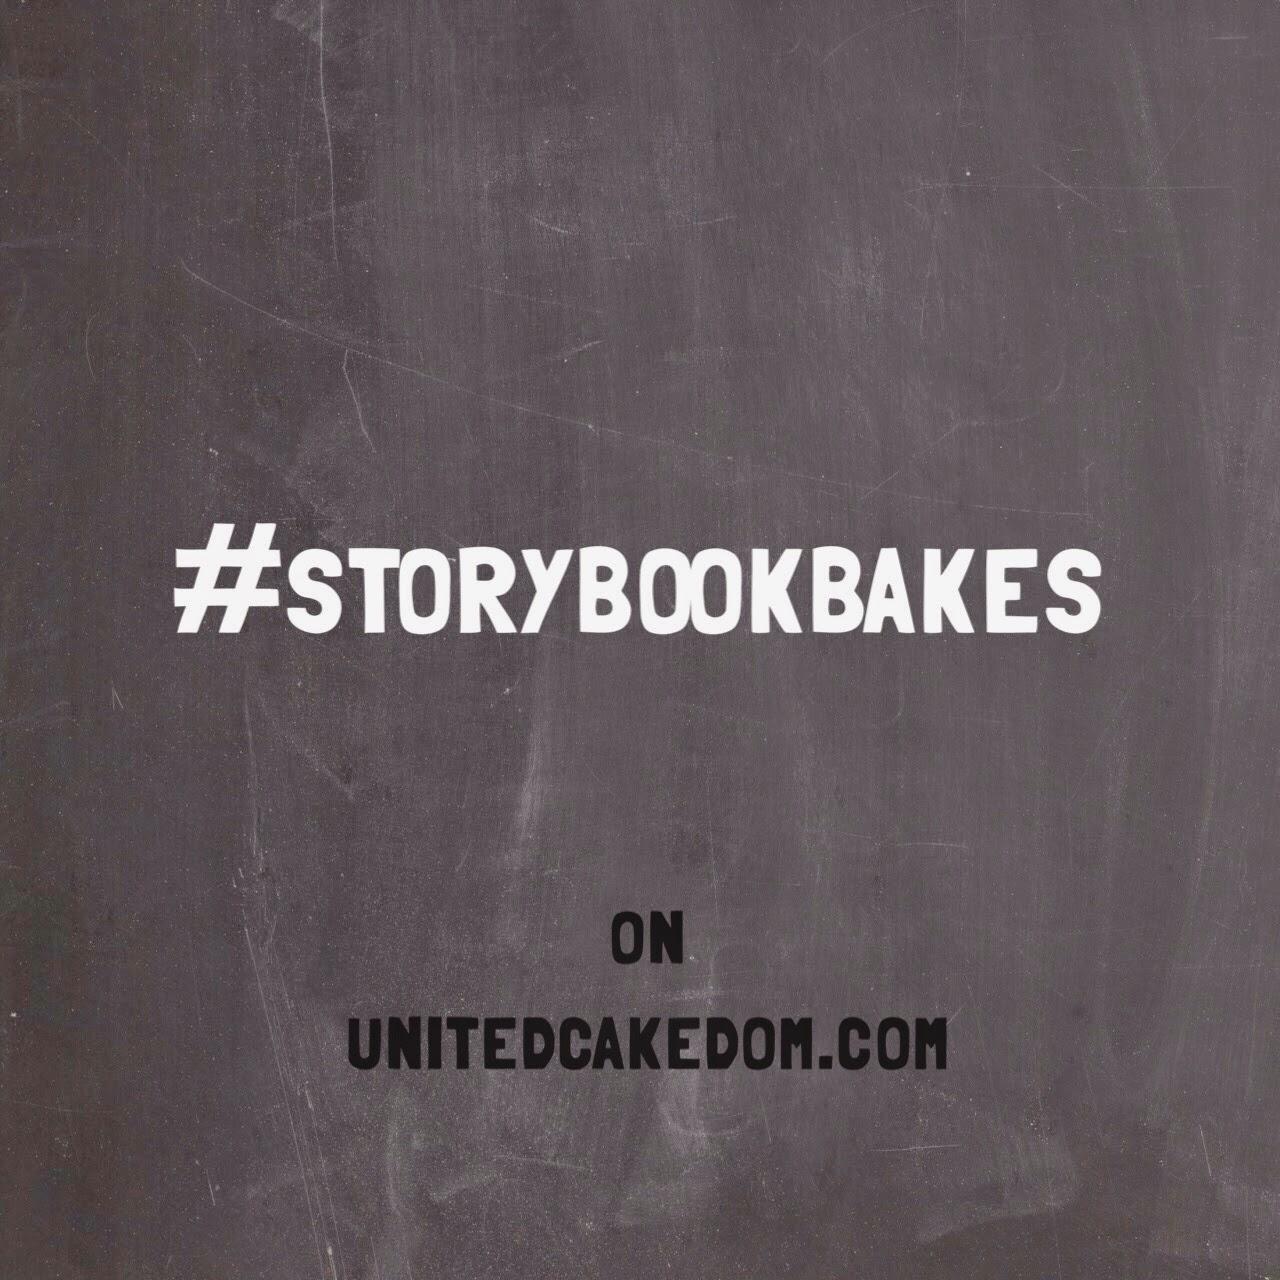 #storybookbakes